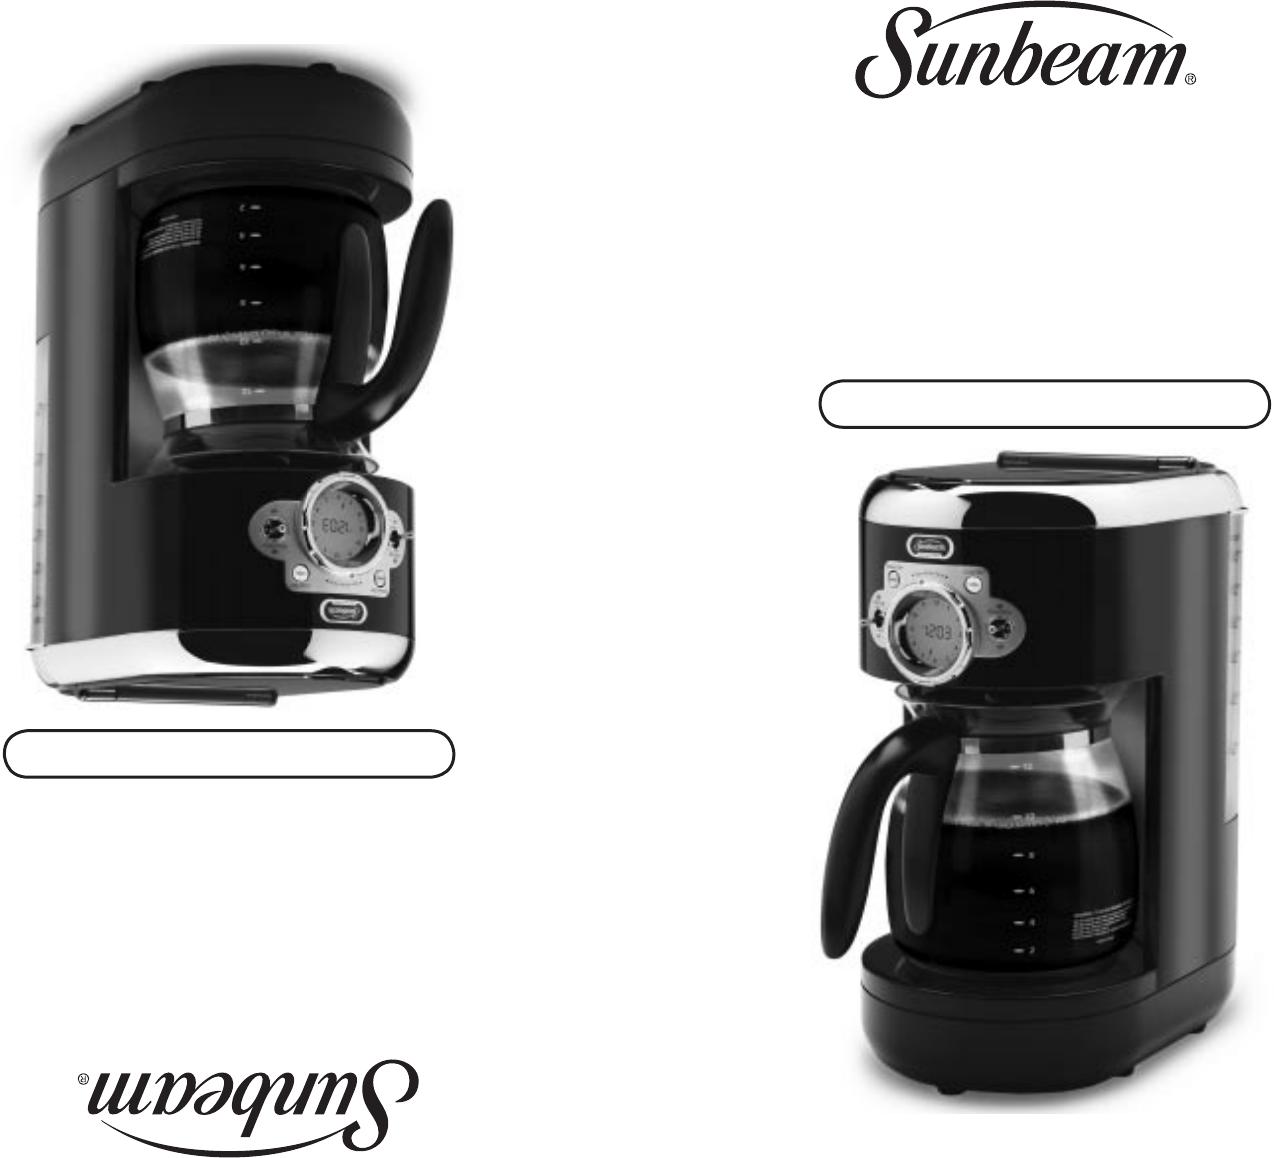 Sunbeam Coffeemaker HDX23-33 User Guide ManualsOnline.com